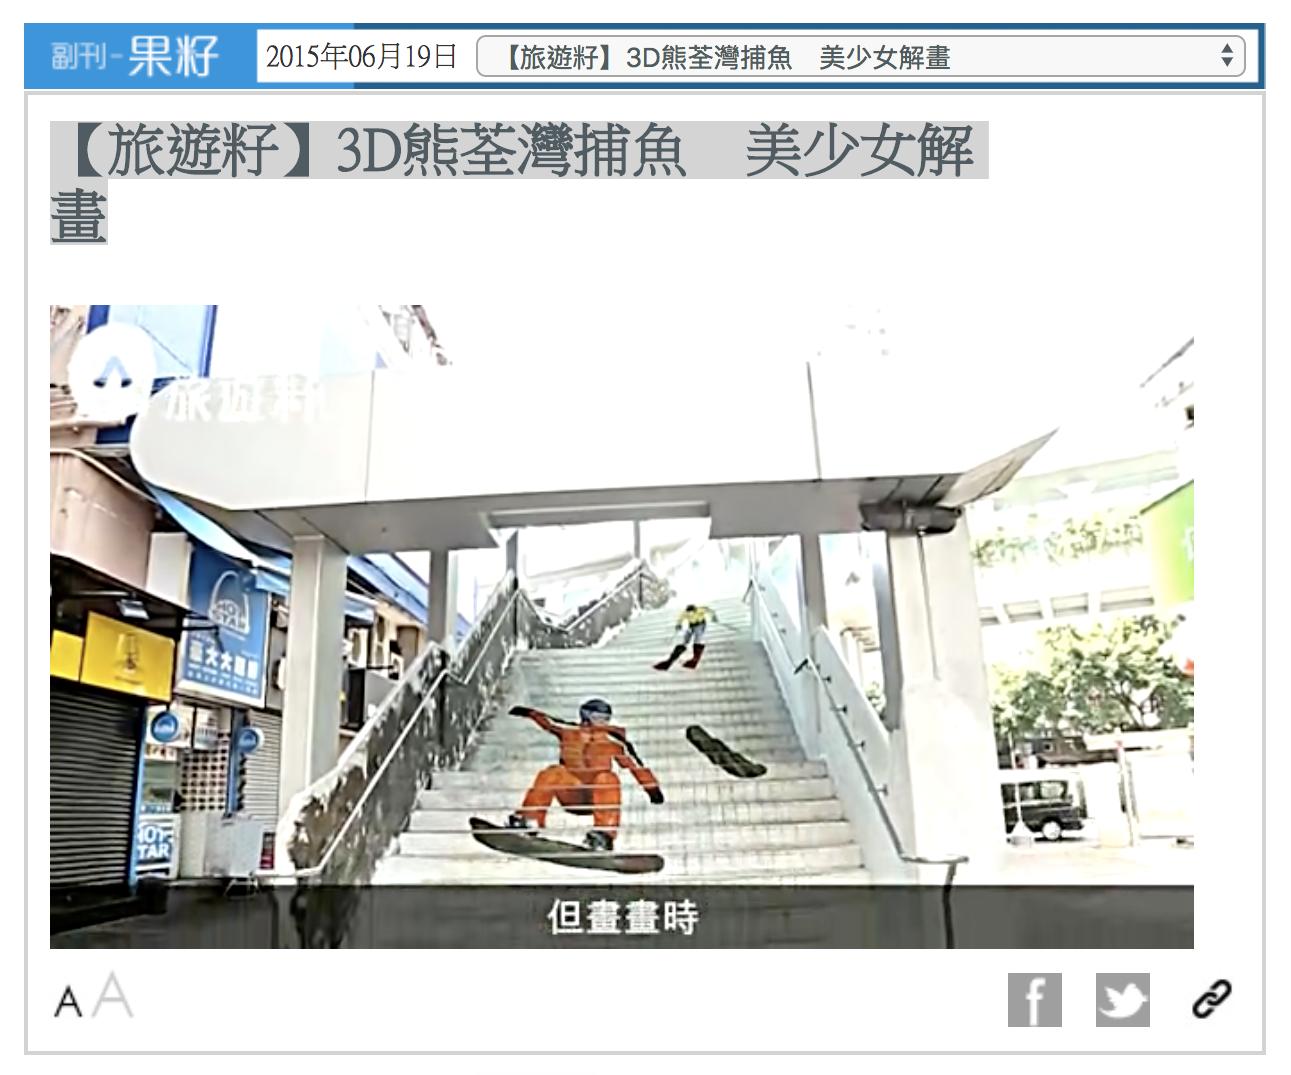 荃灣3D樓梯畫